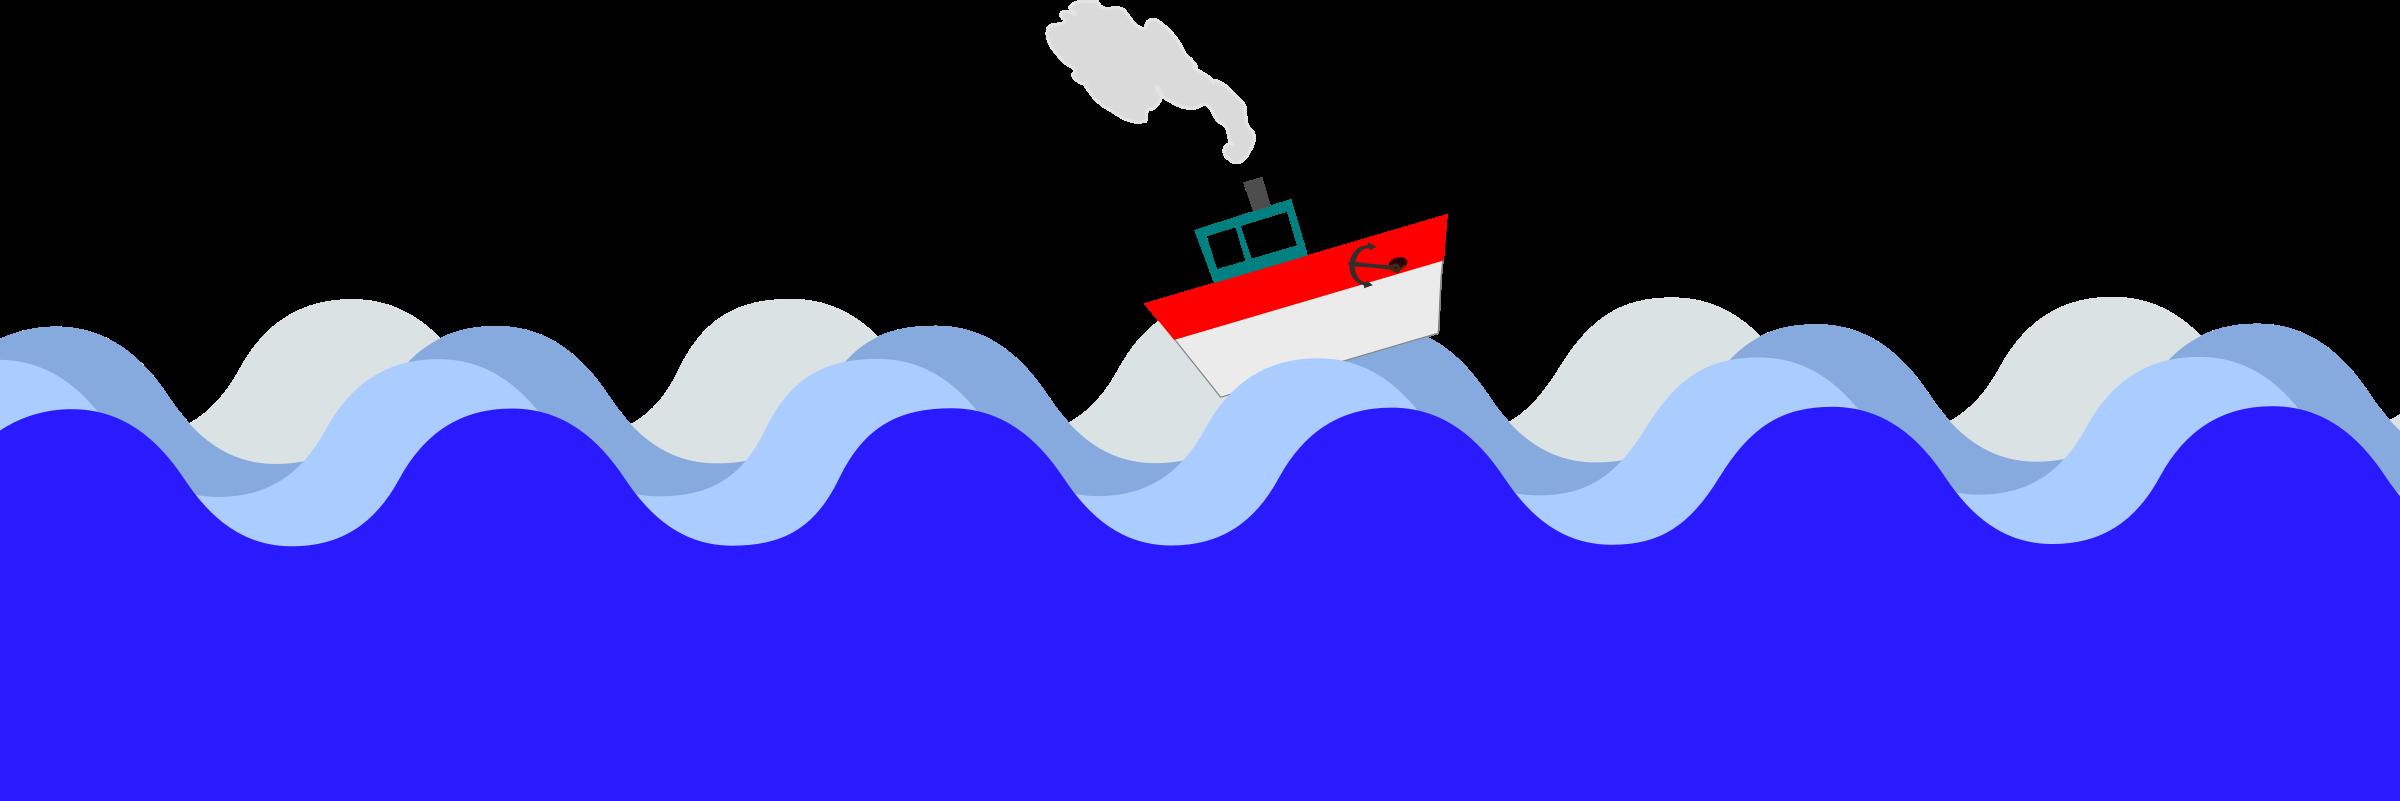 2400x801 Sea Clipart